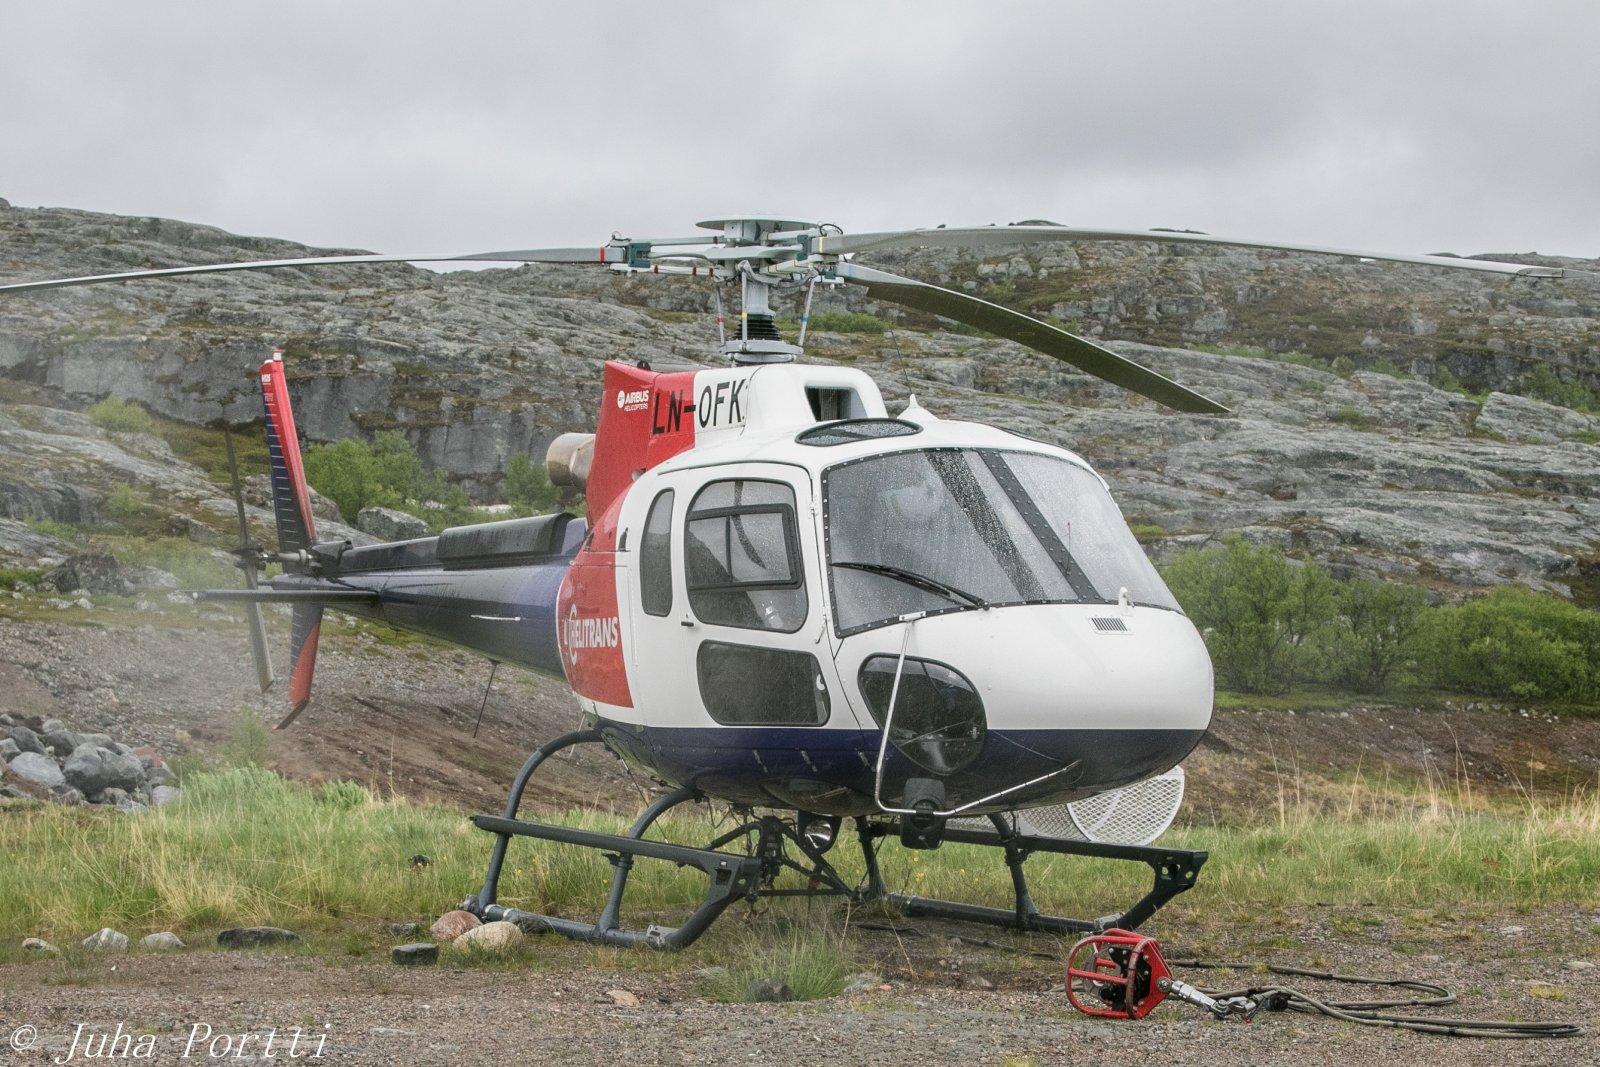 LN-OFK. Airbus Helicopters AS 350 B3.  Kuvattu 6.7 Pykeijan lähettyvillä pohjois Norjassa.